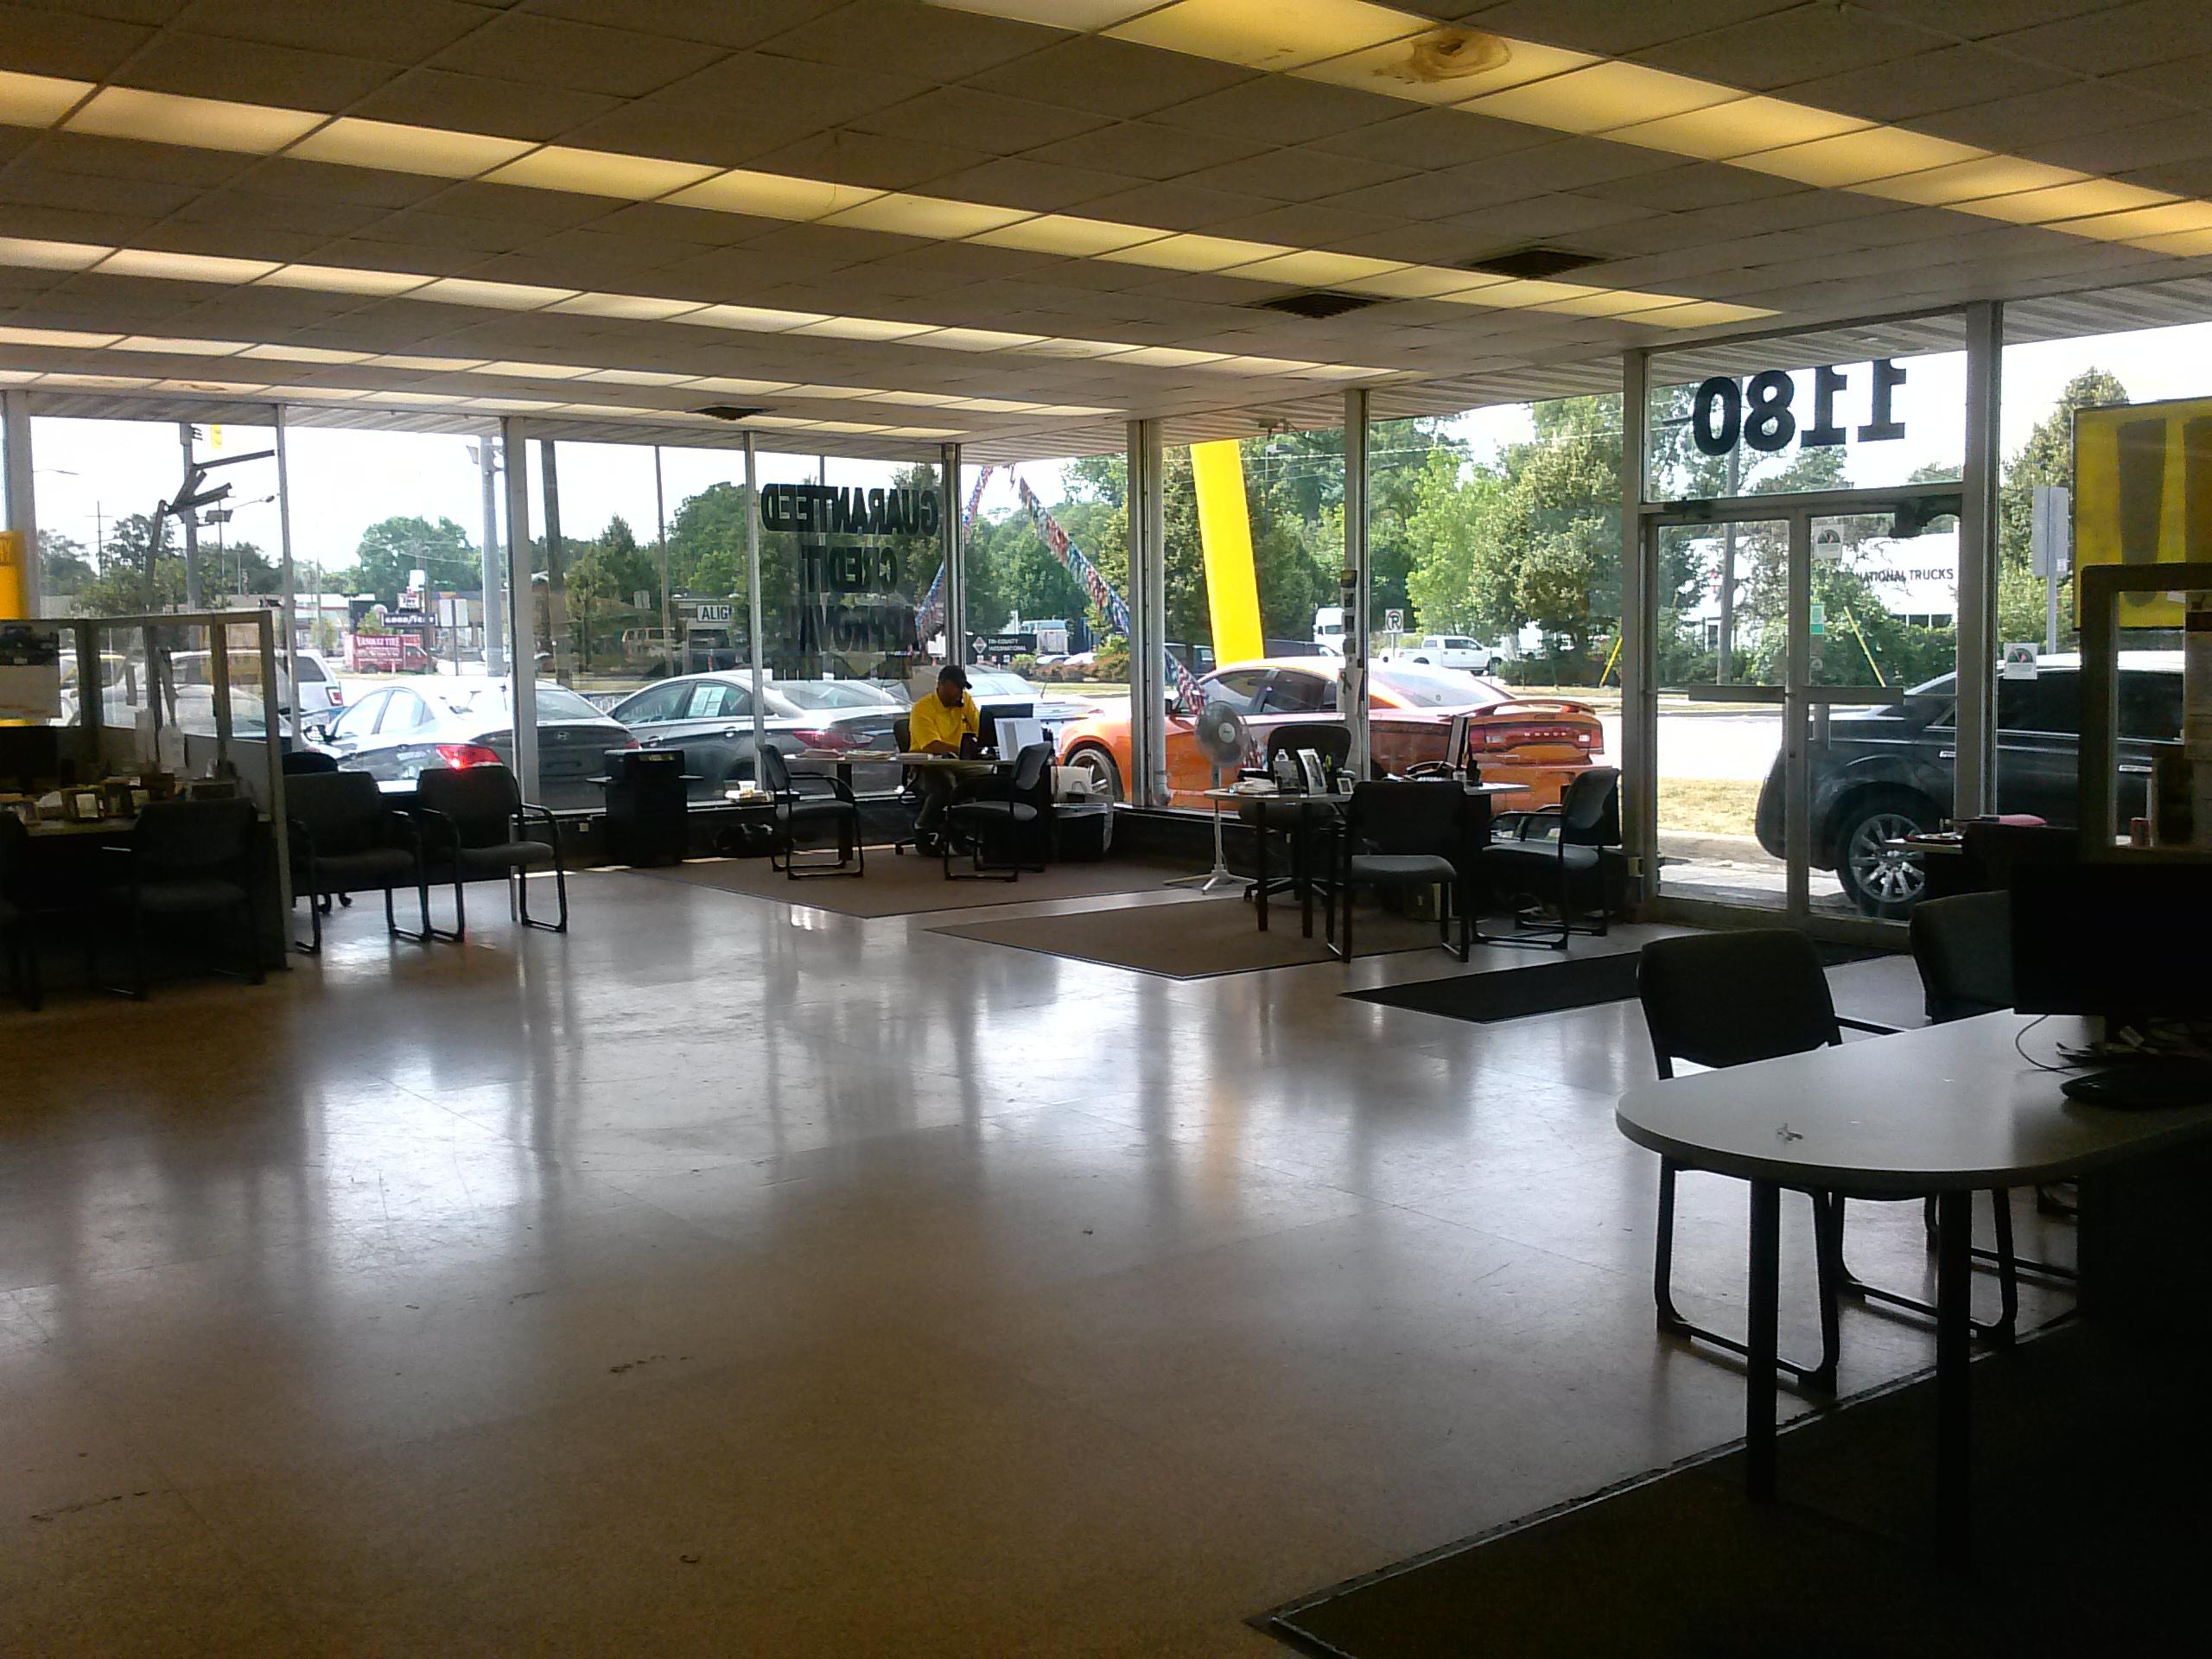 Ypsilanti Import Auto Sales In Ypsilanti Mi Whitepages